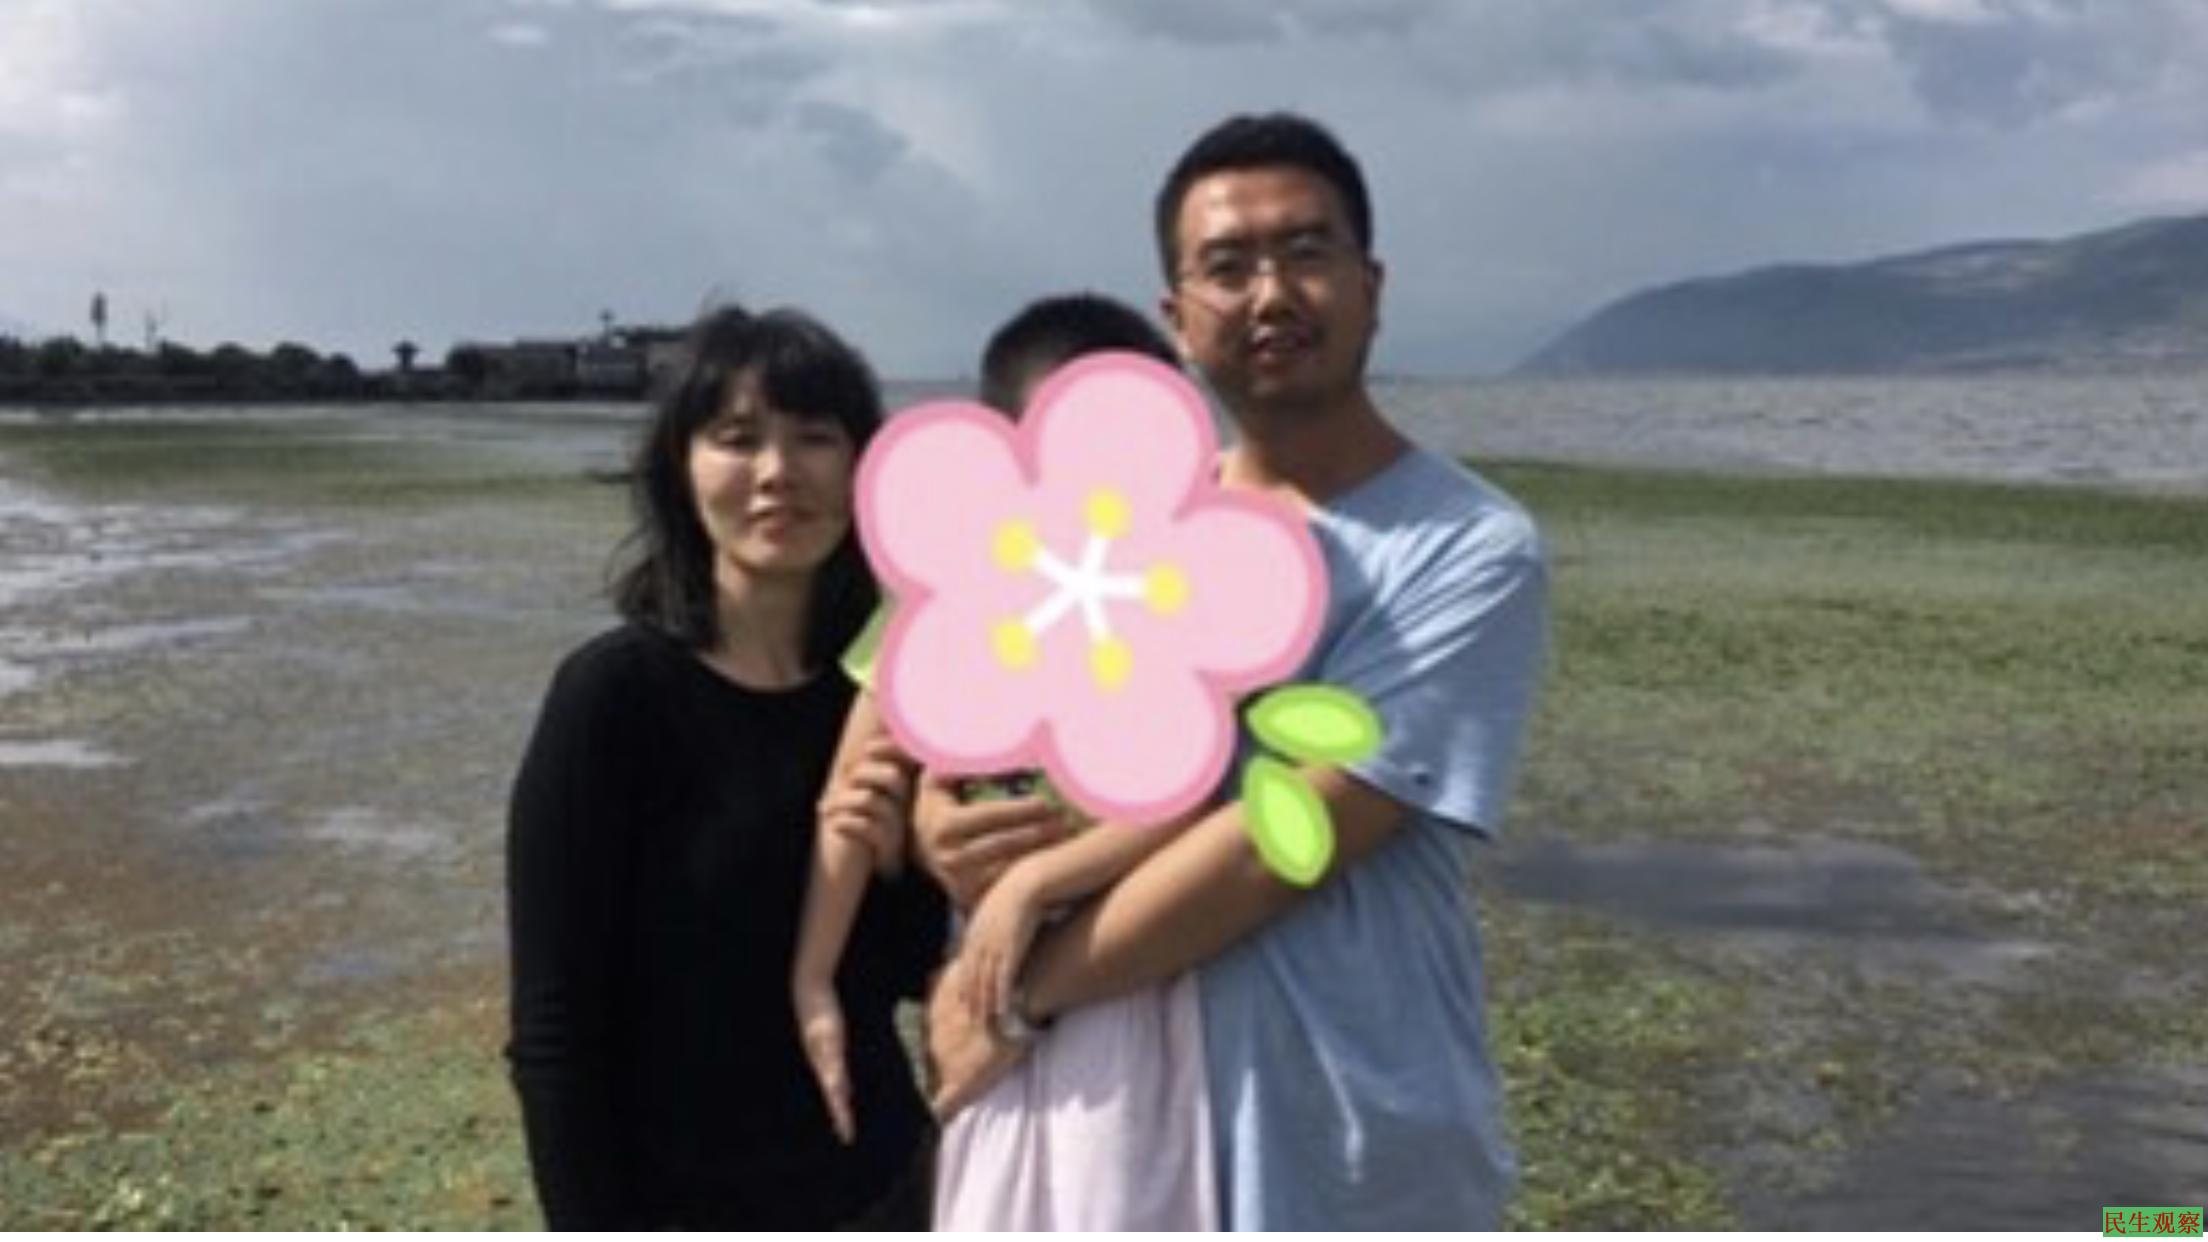 常玮平妻子陈紫娟:常玮平及其律师之路